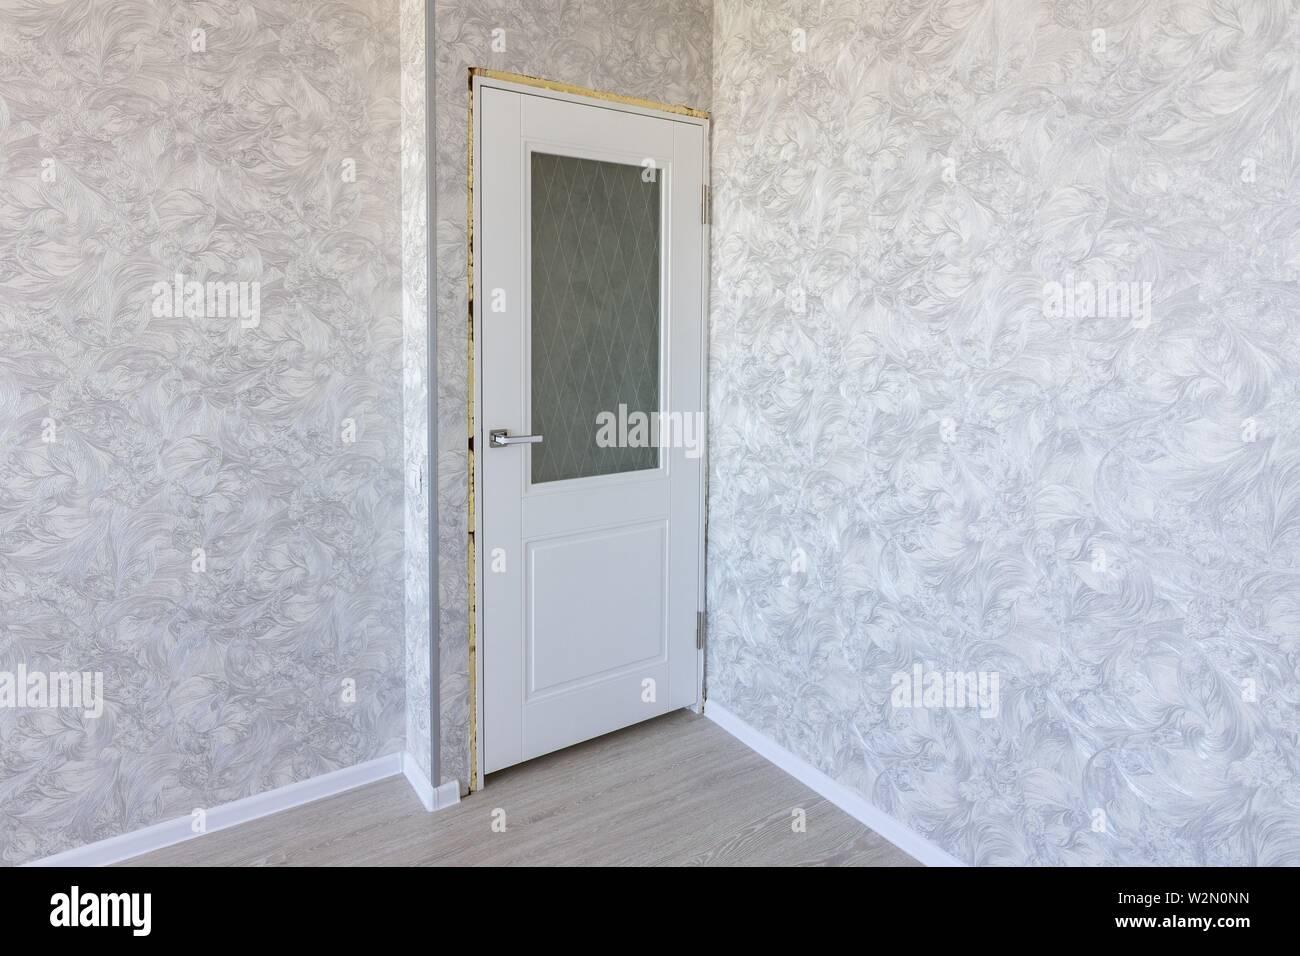 Installed interior door after repair. - Stock Image